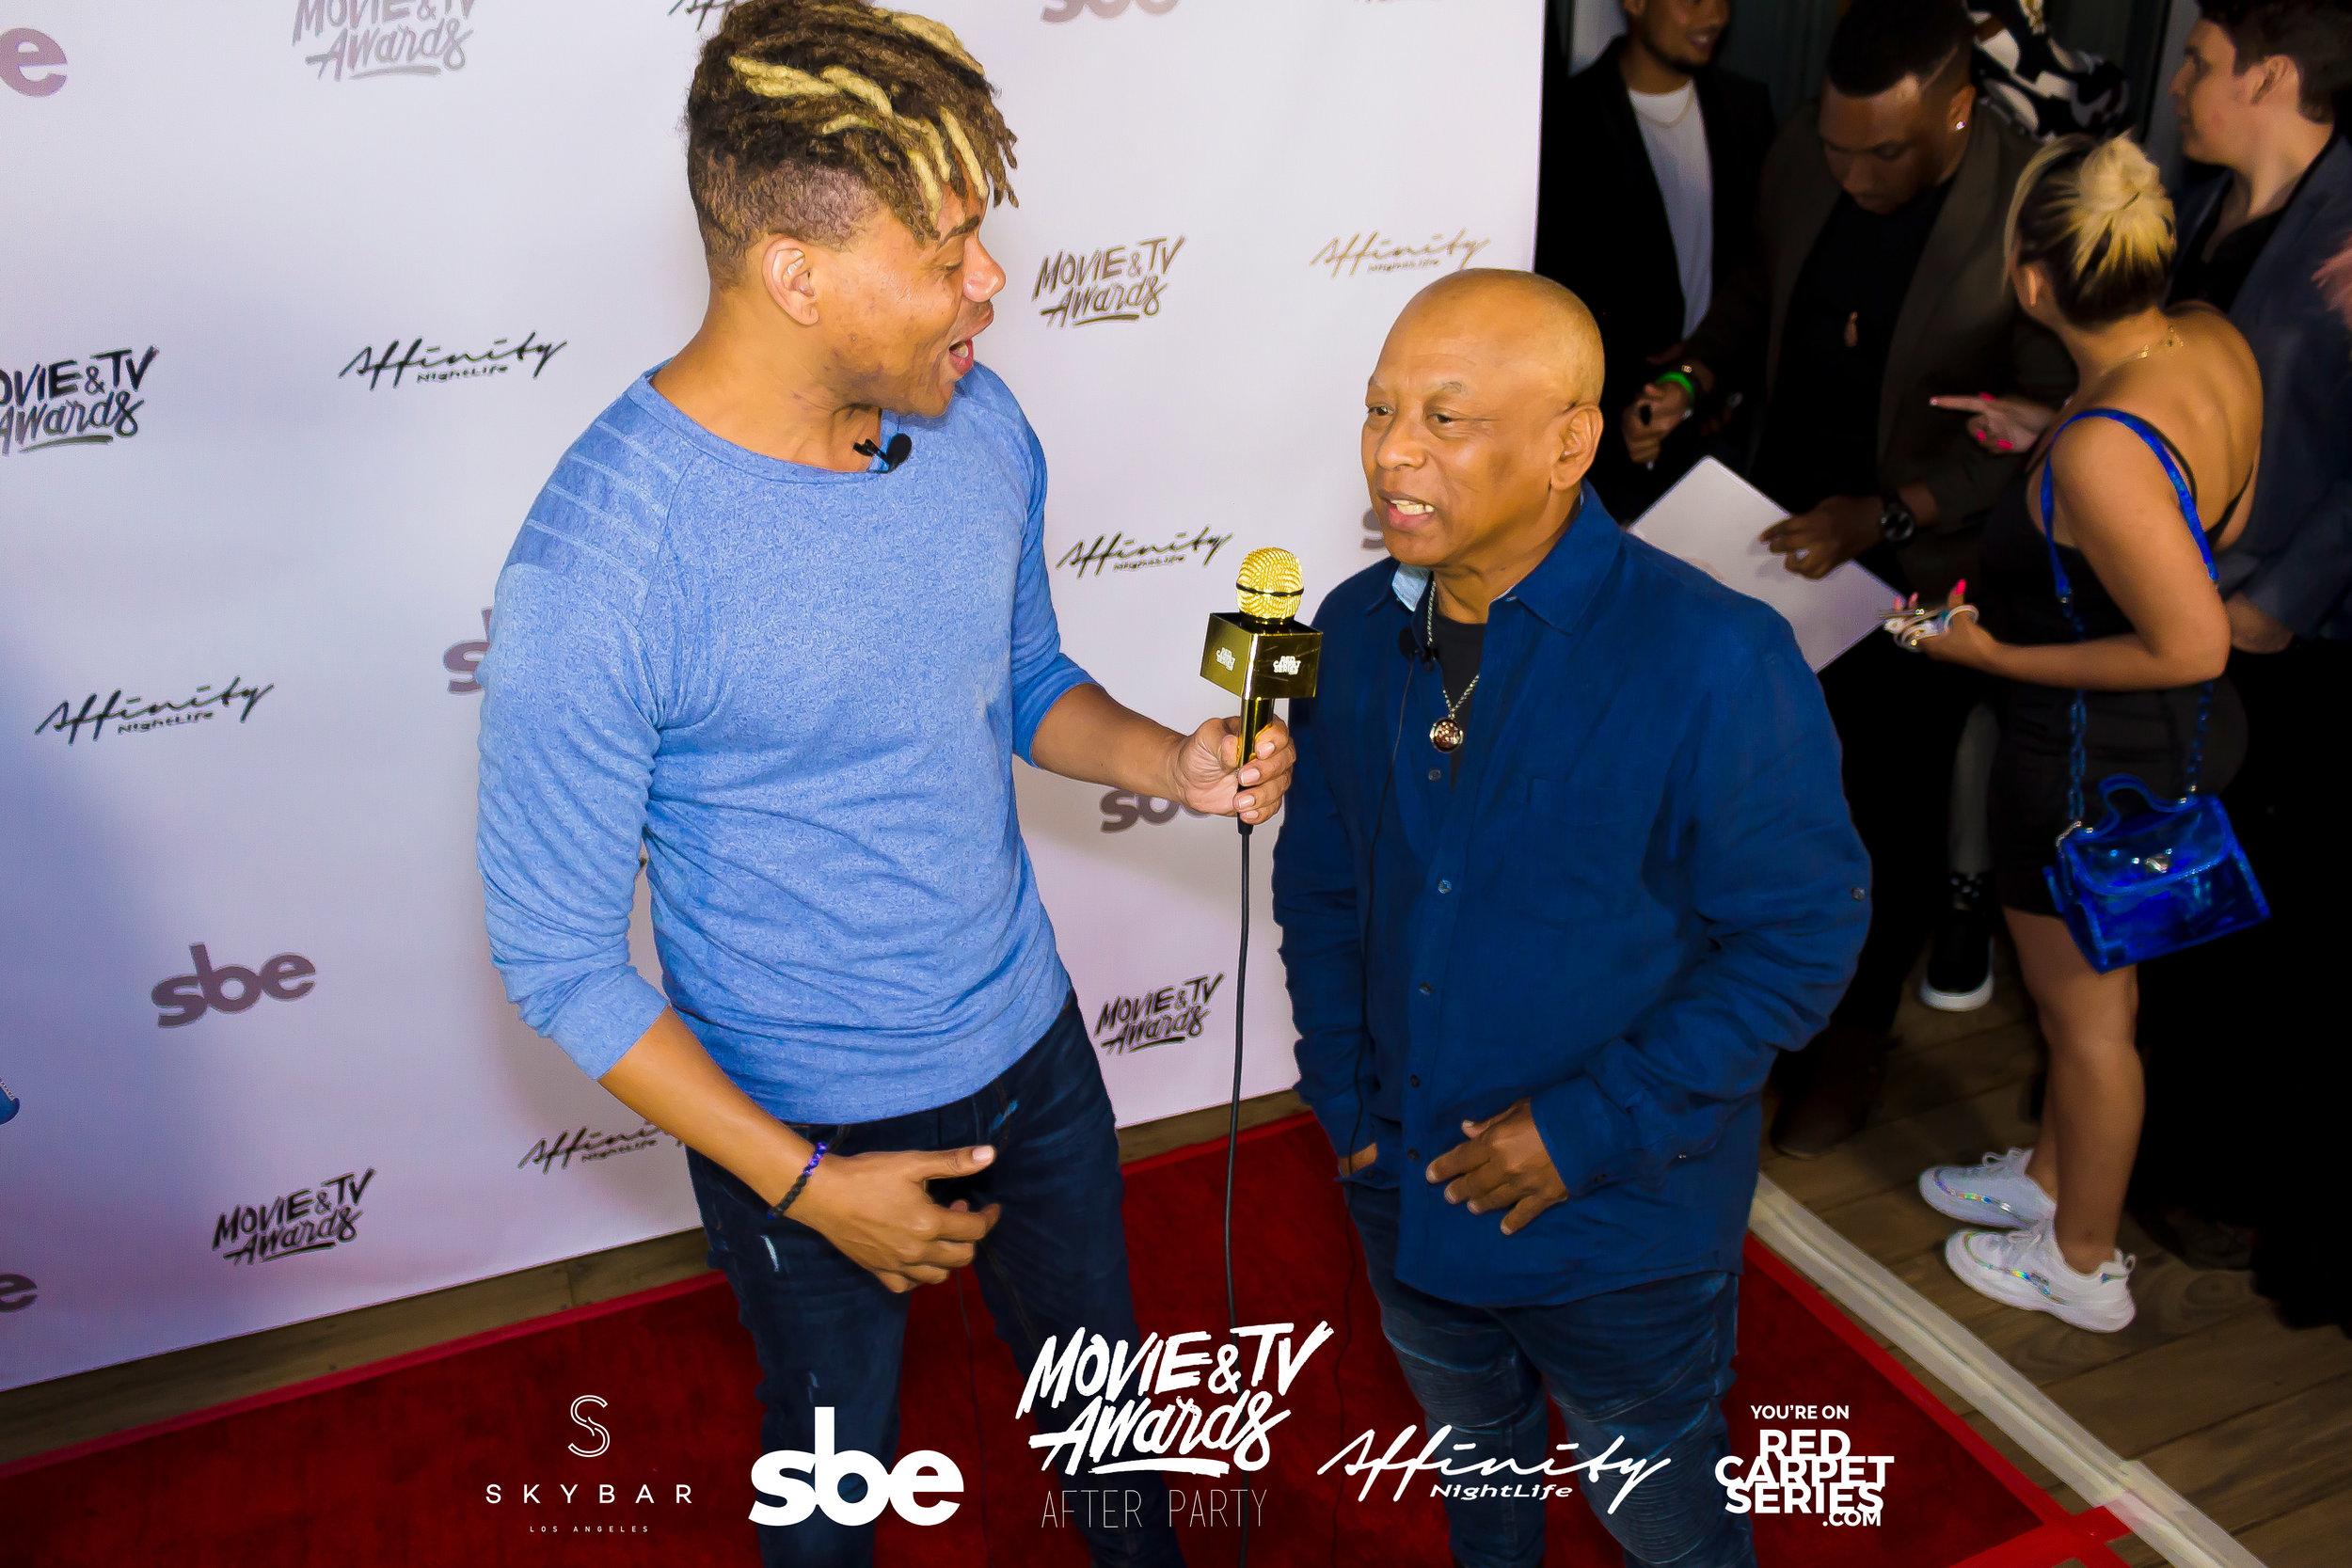 Affinity Nightlife MTV Movie & TV Awards After Party - Skybar at Mondrian - 06-15-19 - Vol. 1_39.jpg